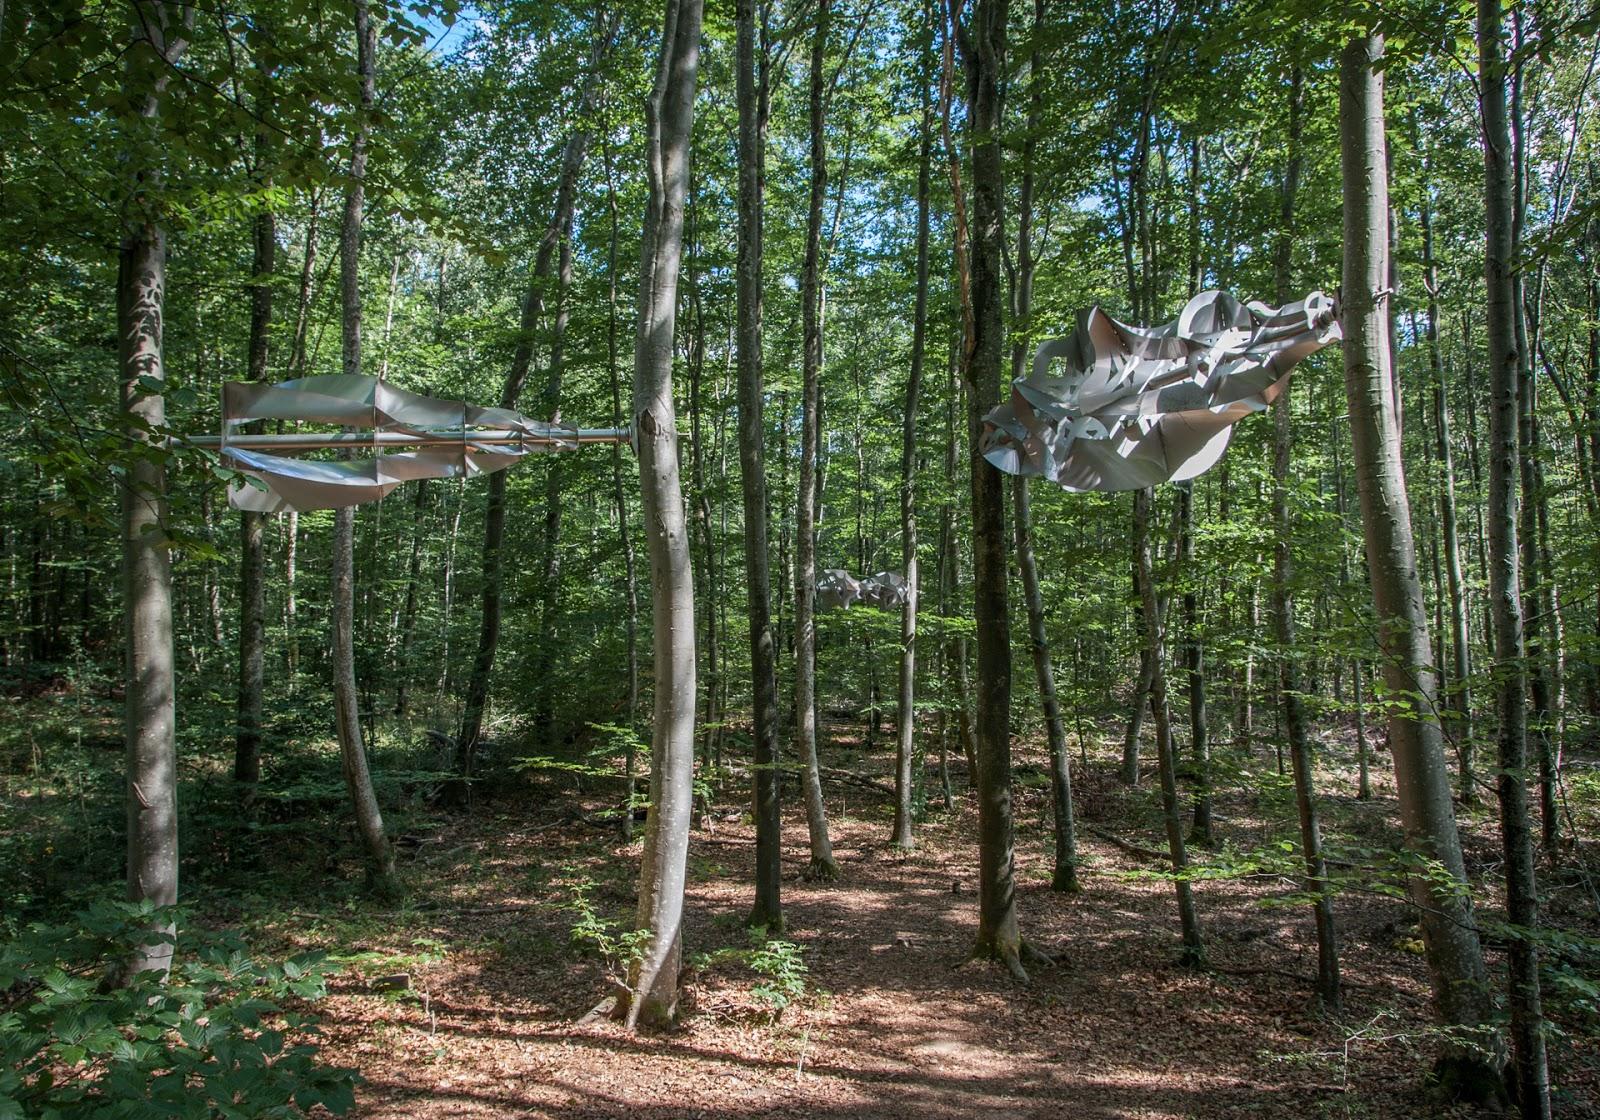 Le vent des forêts, un sentier artistique en pleine nature